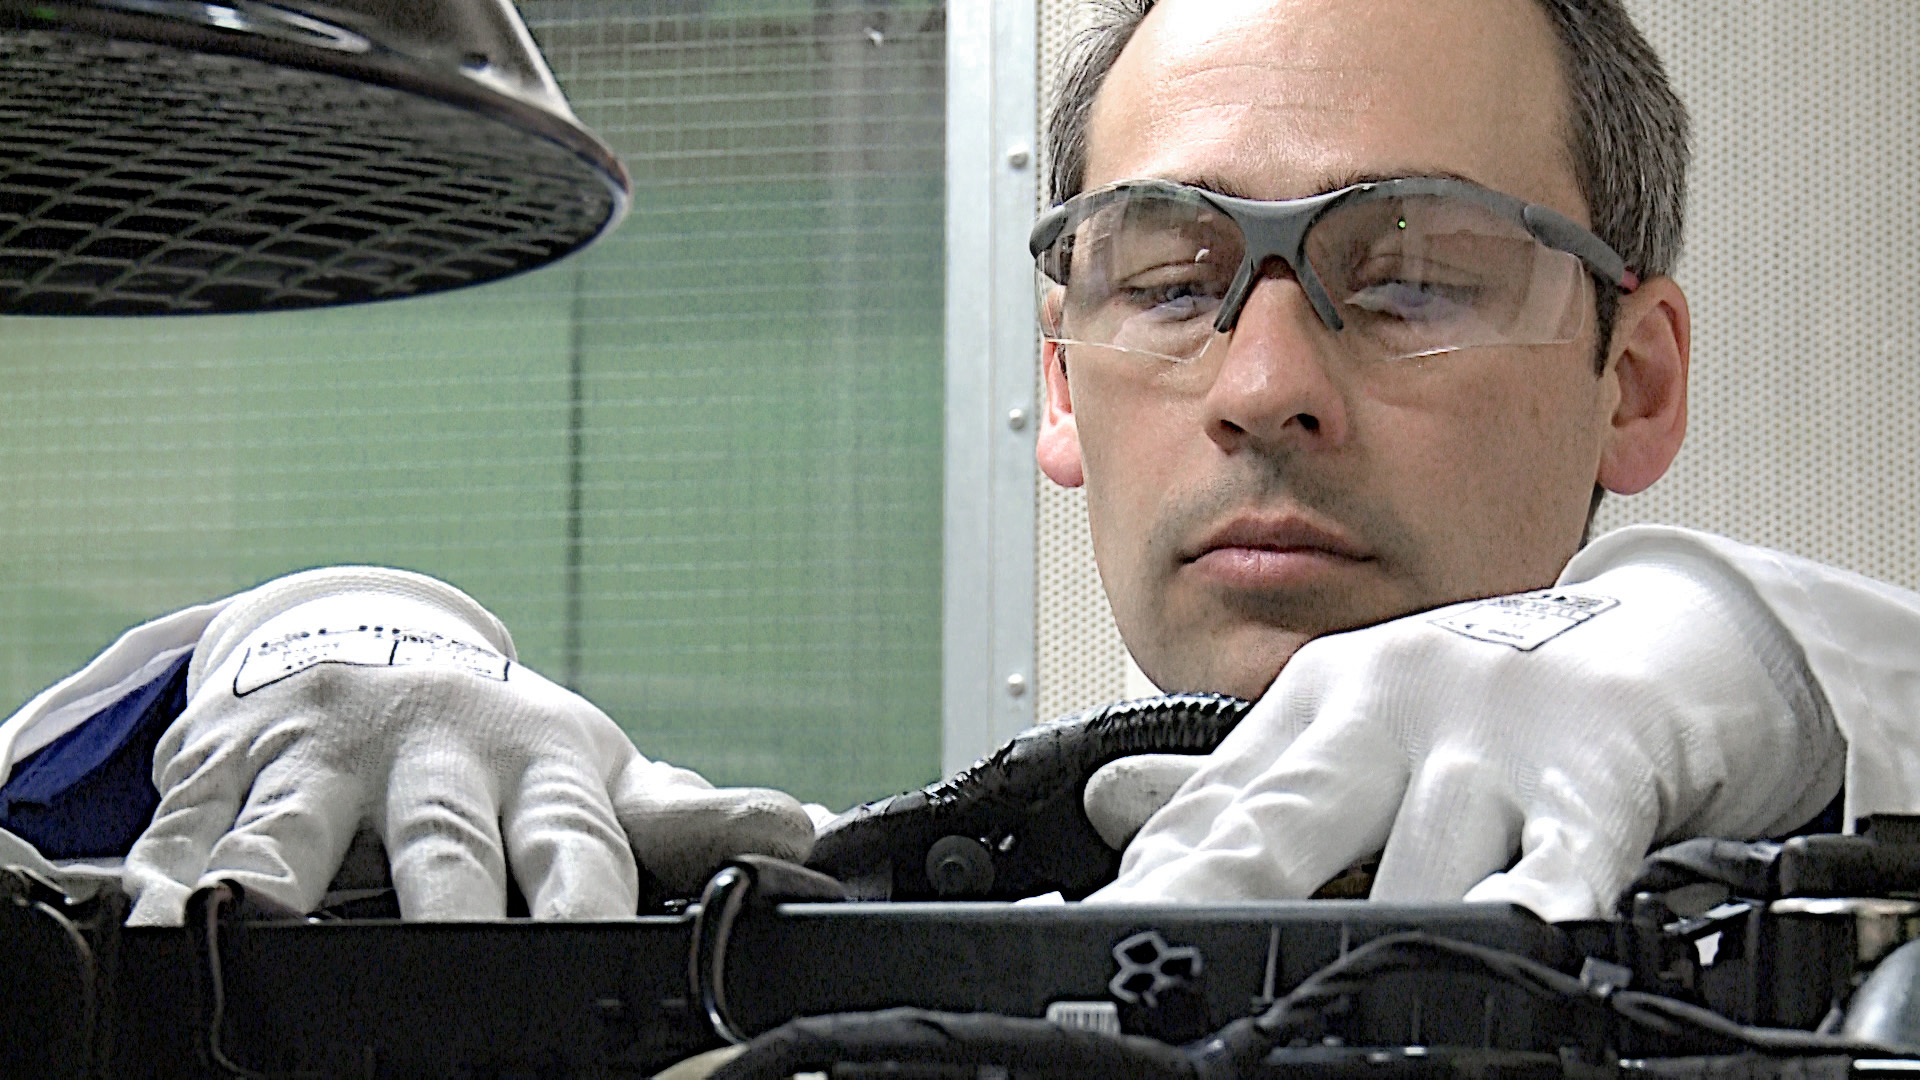 Chuyên gia của Ford sử dụng thính giác để kiểm tra âm thanh phát ra từ động cơ.